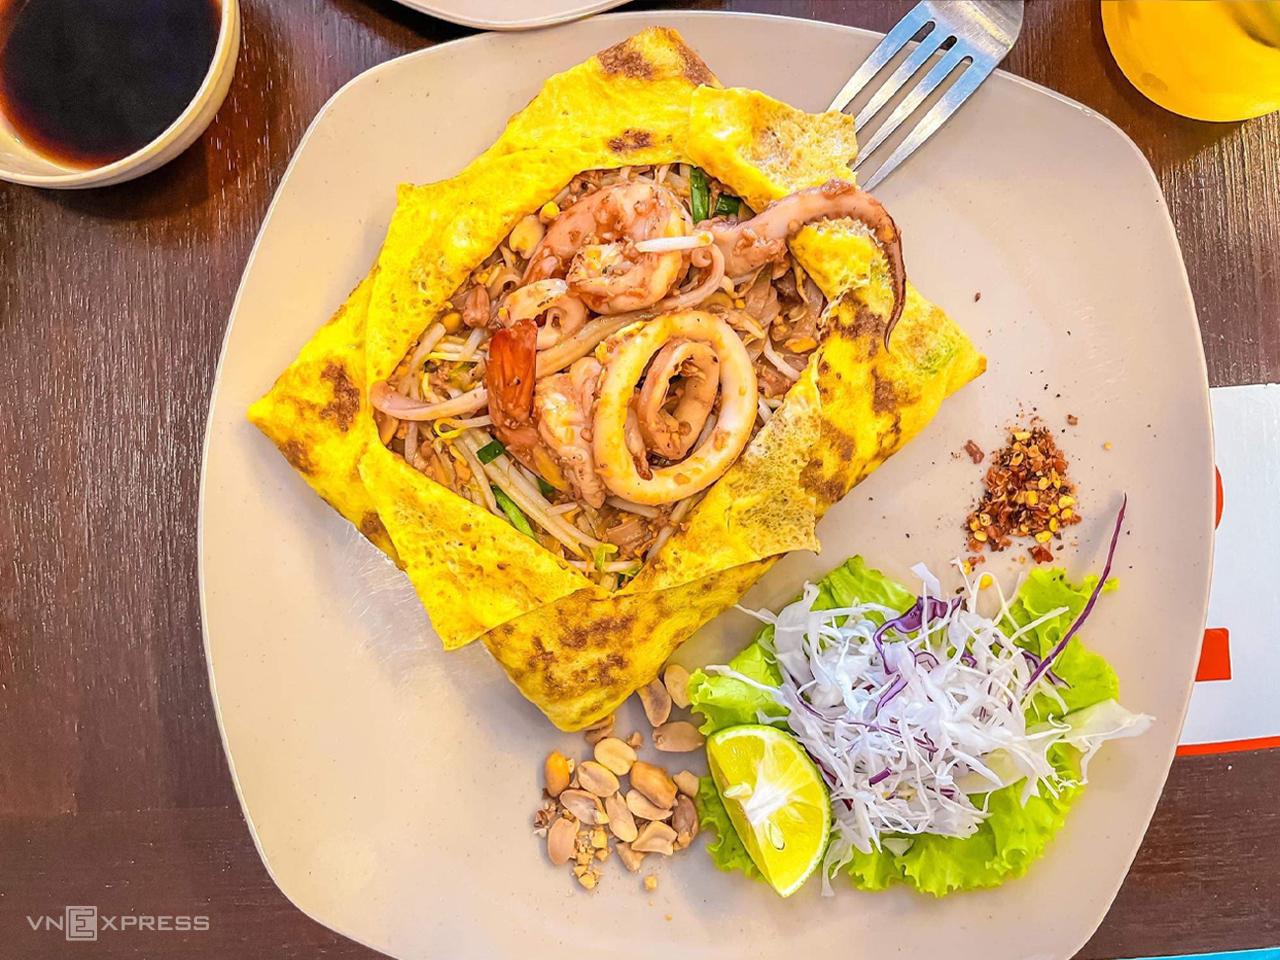 Hủ tiếu xào Thái Lan (Pad Thái) là món ăn nổi tiếng của nền ẩm thực Thái Lan, cách chế biến không quá phức tạp và phù hợp với khẩu vị của nhiều người. Sợi hủ tiếu dùng trong pad Thái gần giống với hủ tiếu mềm của Việt Nam nhưng nhỏ hơn, cọng dẹt, không dai, được xào chung với giá, hẹ, trứng, thịt bằm và nước sốt đặc trưng của người Thái, sau cùng bỏ thêm mực và tôm lên trên. Ảnh: Hải Trần